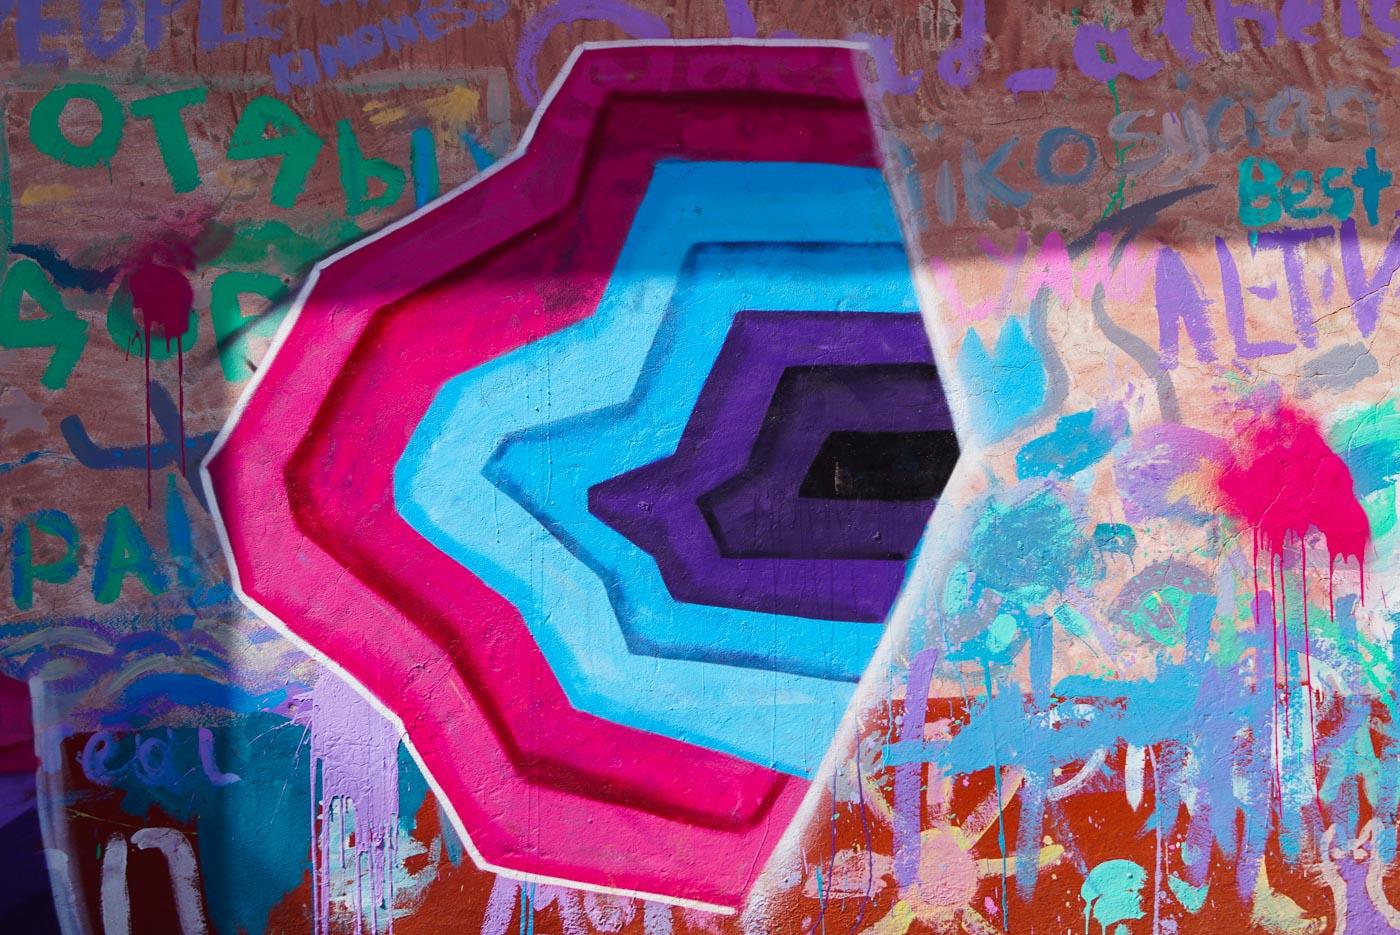 zu sehen ist ein buntes Graffiti die Hauptfarben sind rosa hellblau und lila es wird eine geometrische Form dargestellt die einen Tunnelblick erzeugt.